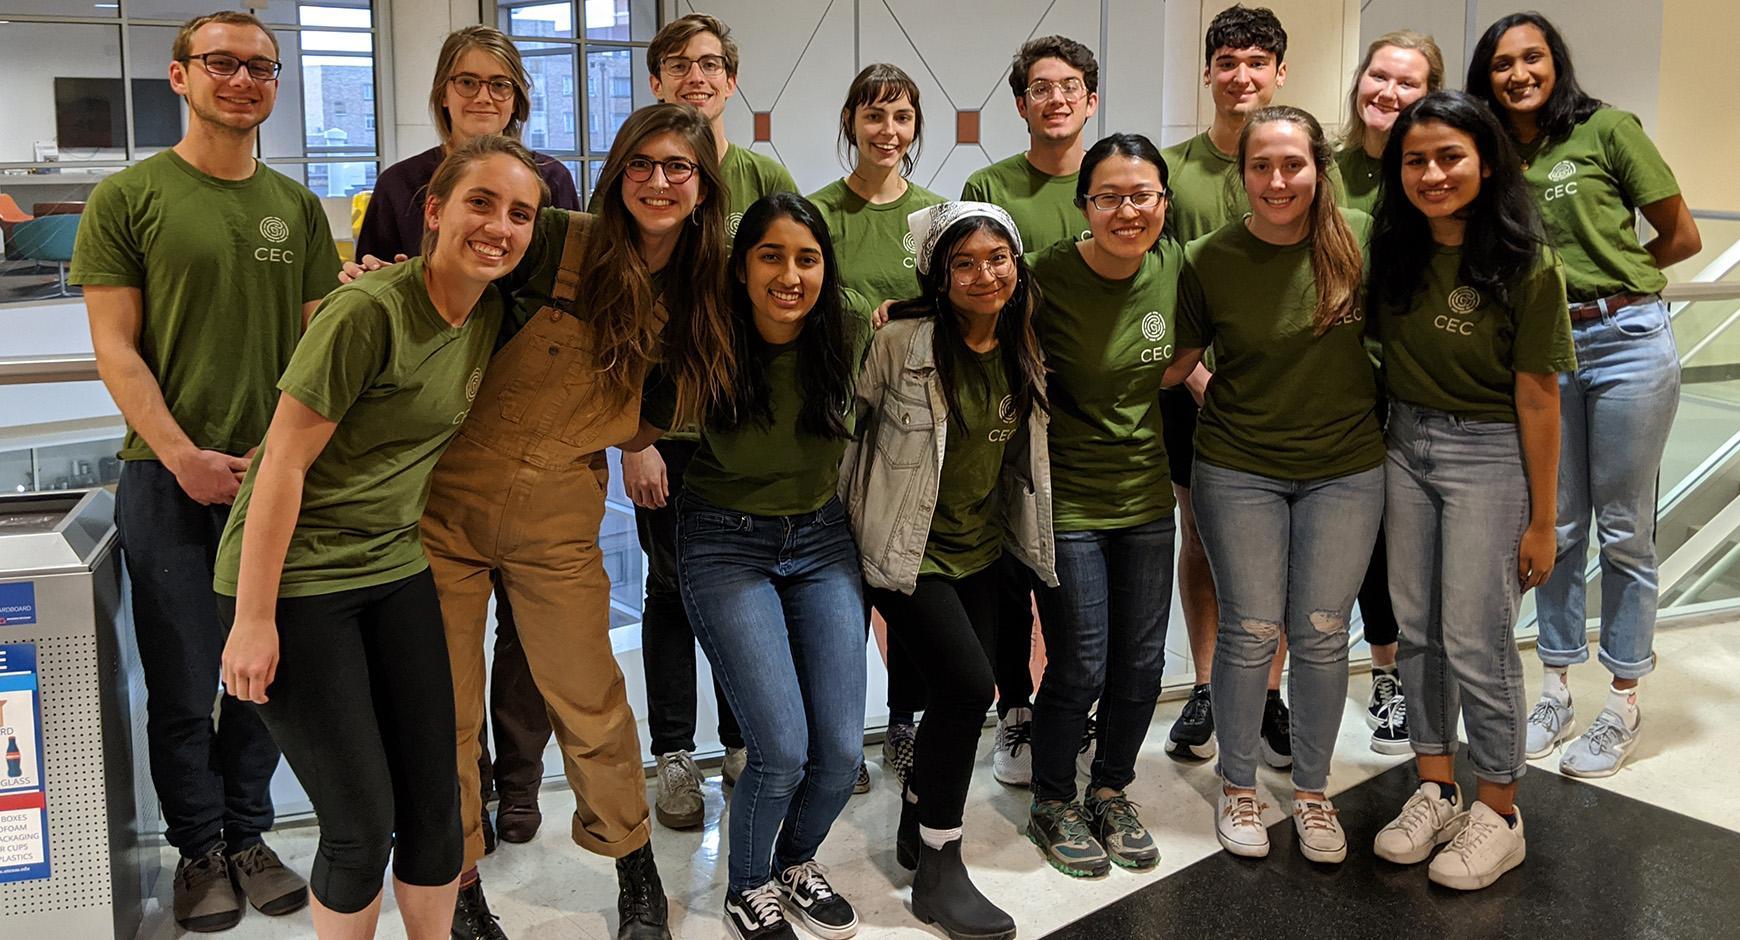 Campus Environmental Center Spring 2020